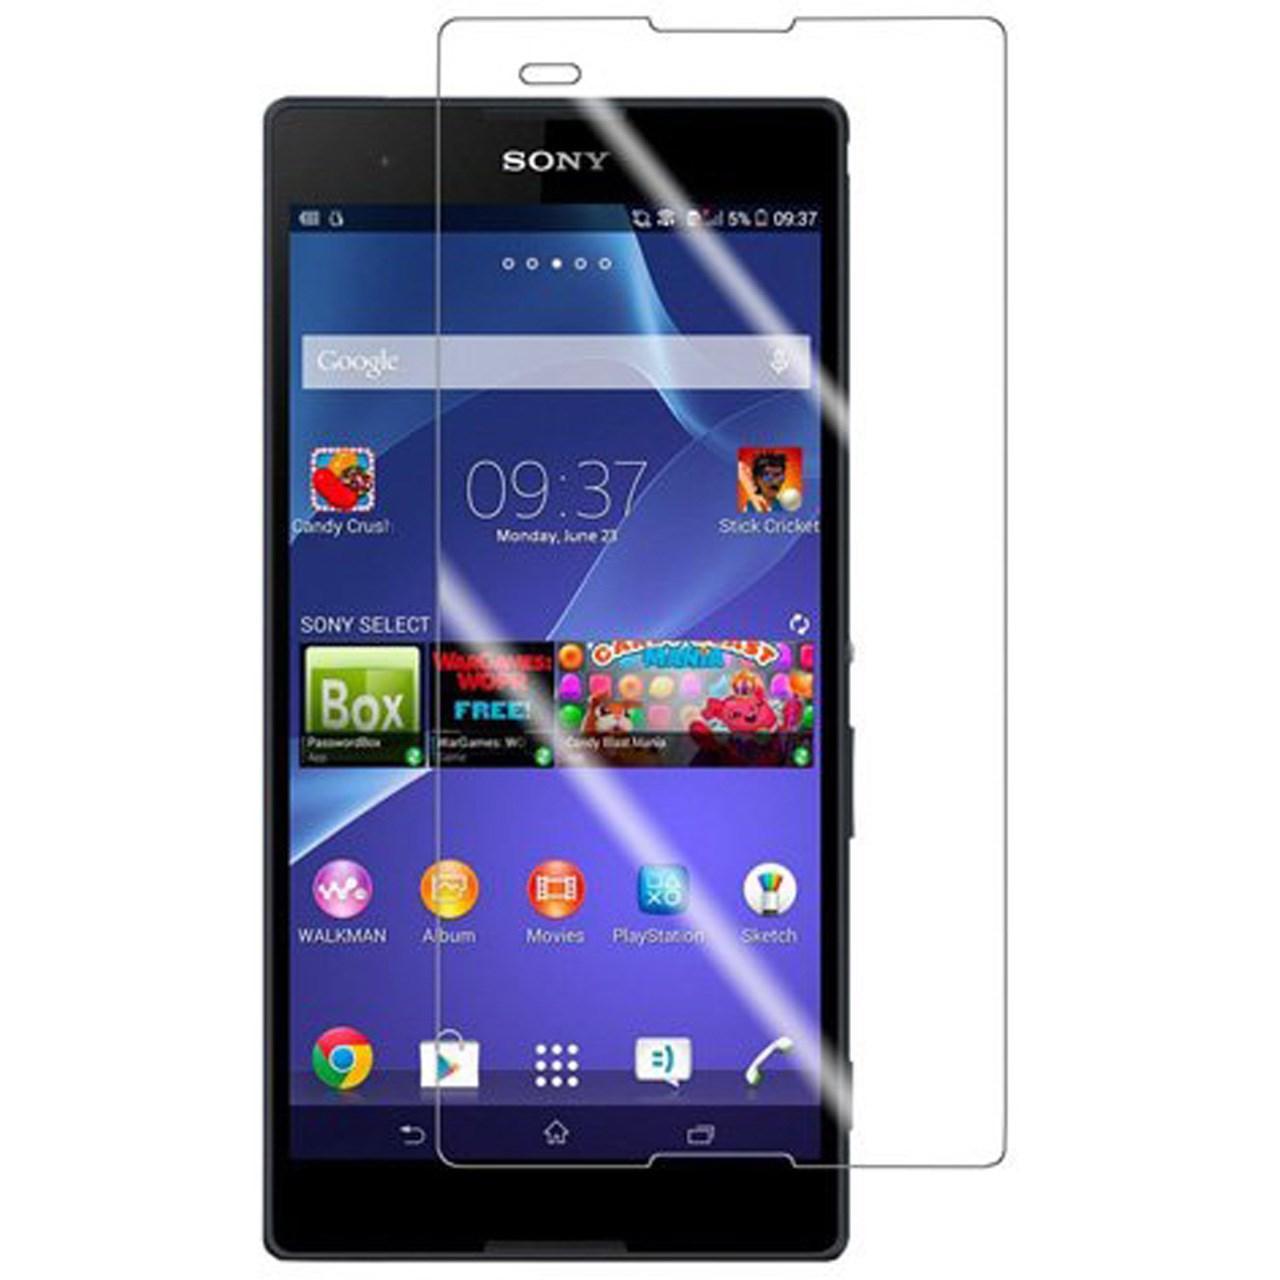 محافظ صفحه نمایش شیشه ای مدل Tempered مناسب برای گوشی موبایل سونی T2